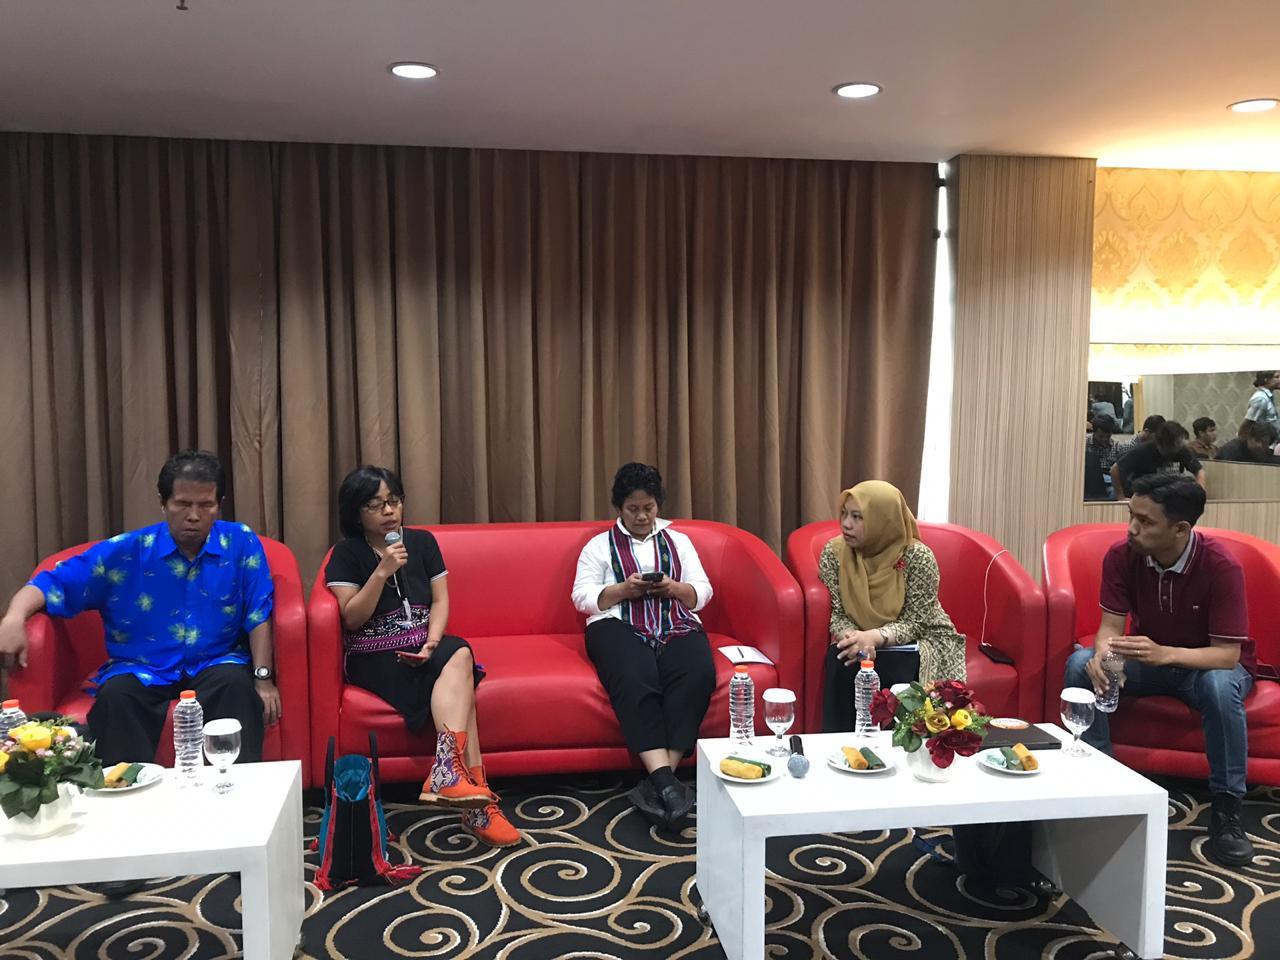 Partisipasi Politik Masyarakat Adat; Meretas Jalan Baru Politik Indonesia